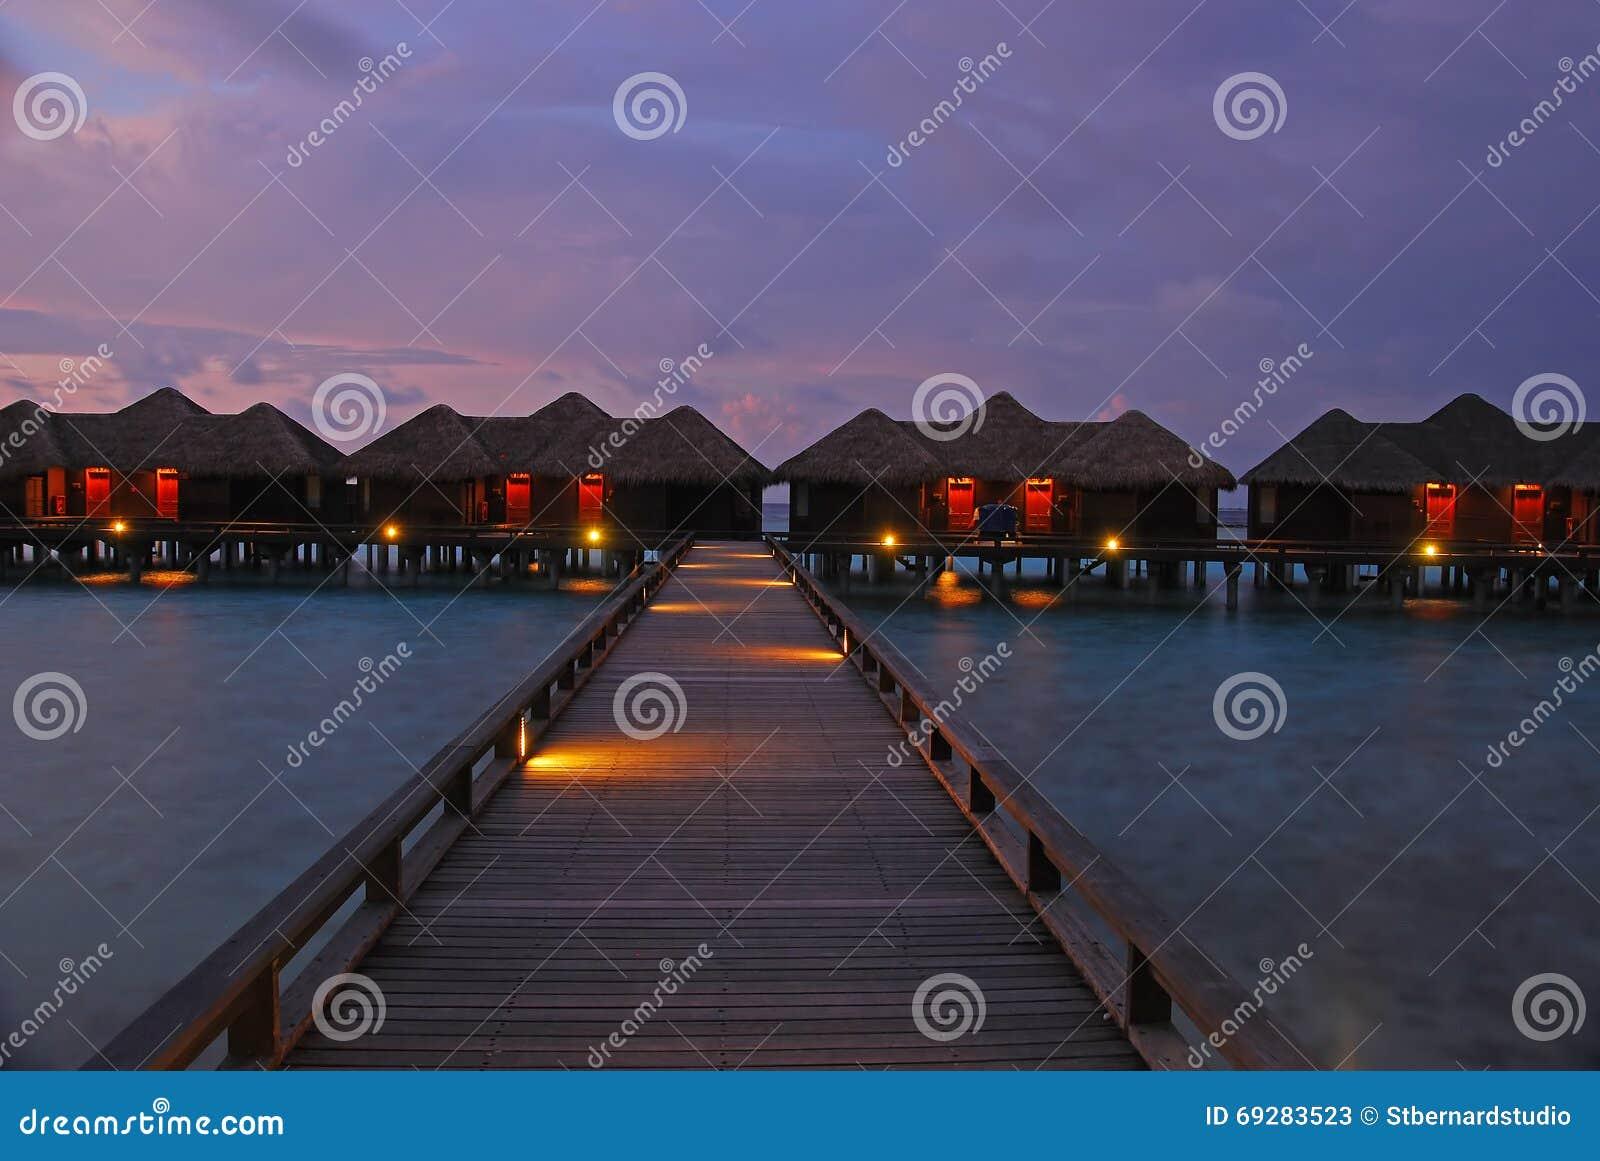 Crépuscule spectaculaire dans une des îles chez les Maldives